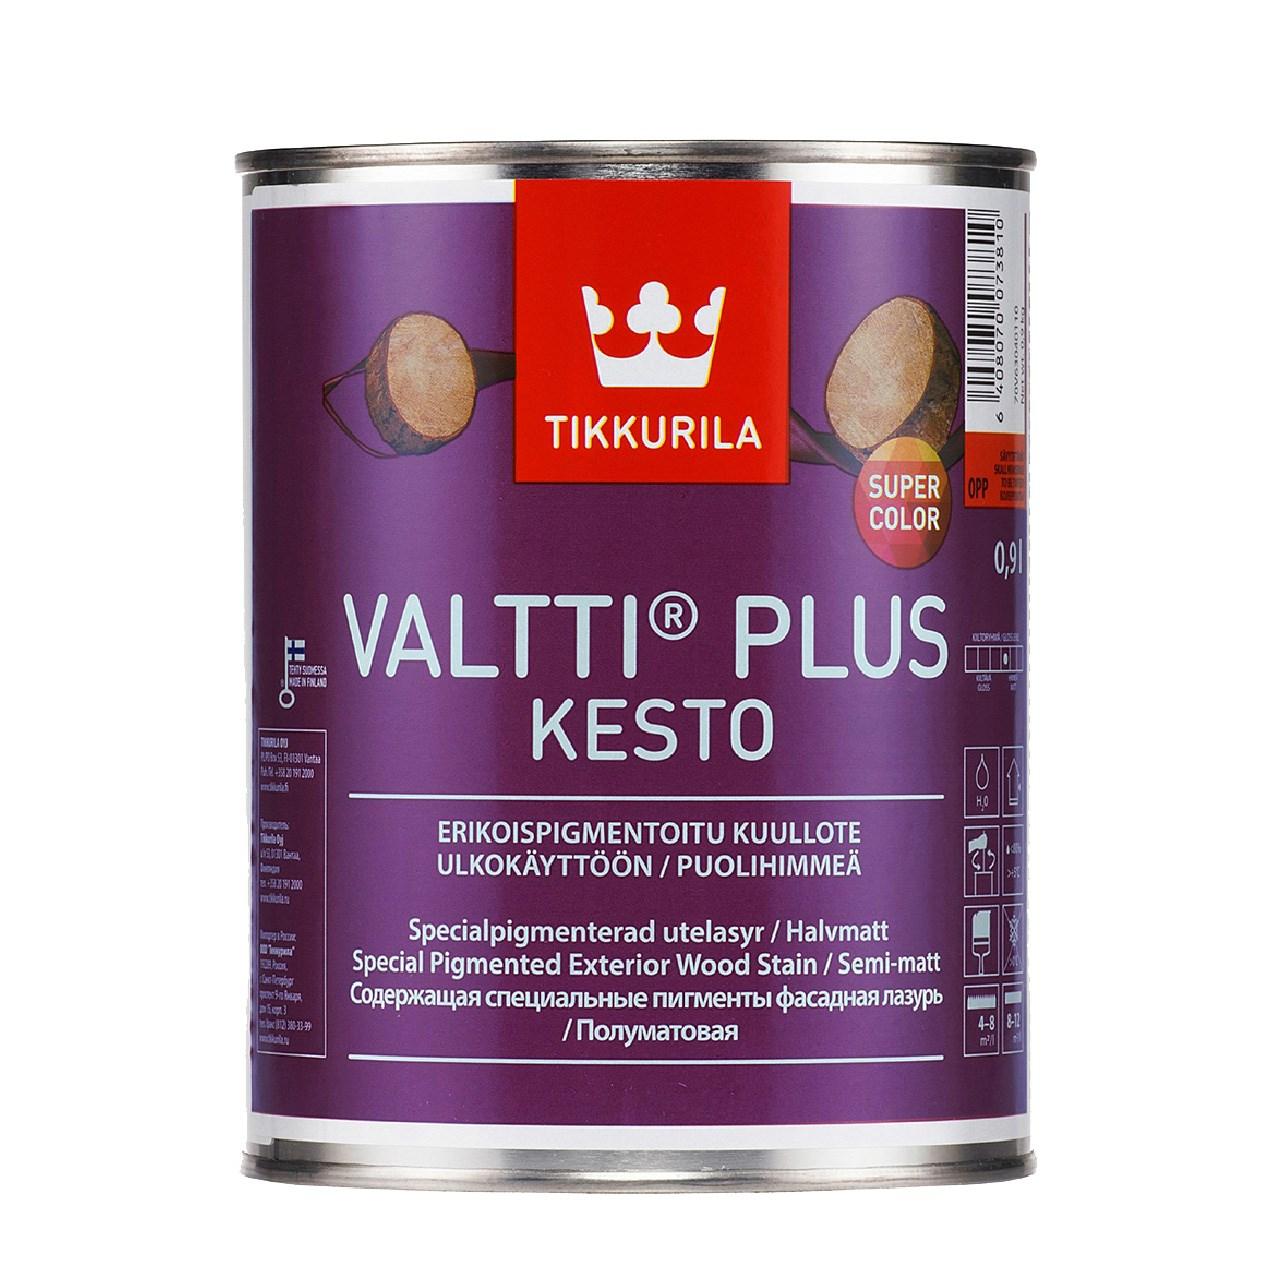 رنگ نیمه شفاف تیکوریلا مدل 5159 Valtti Plus Kesto Super Color حجم 1 لیتر